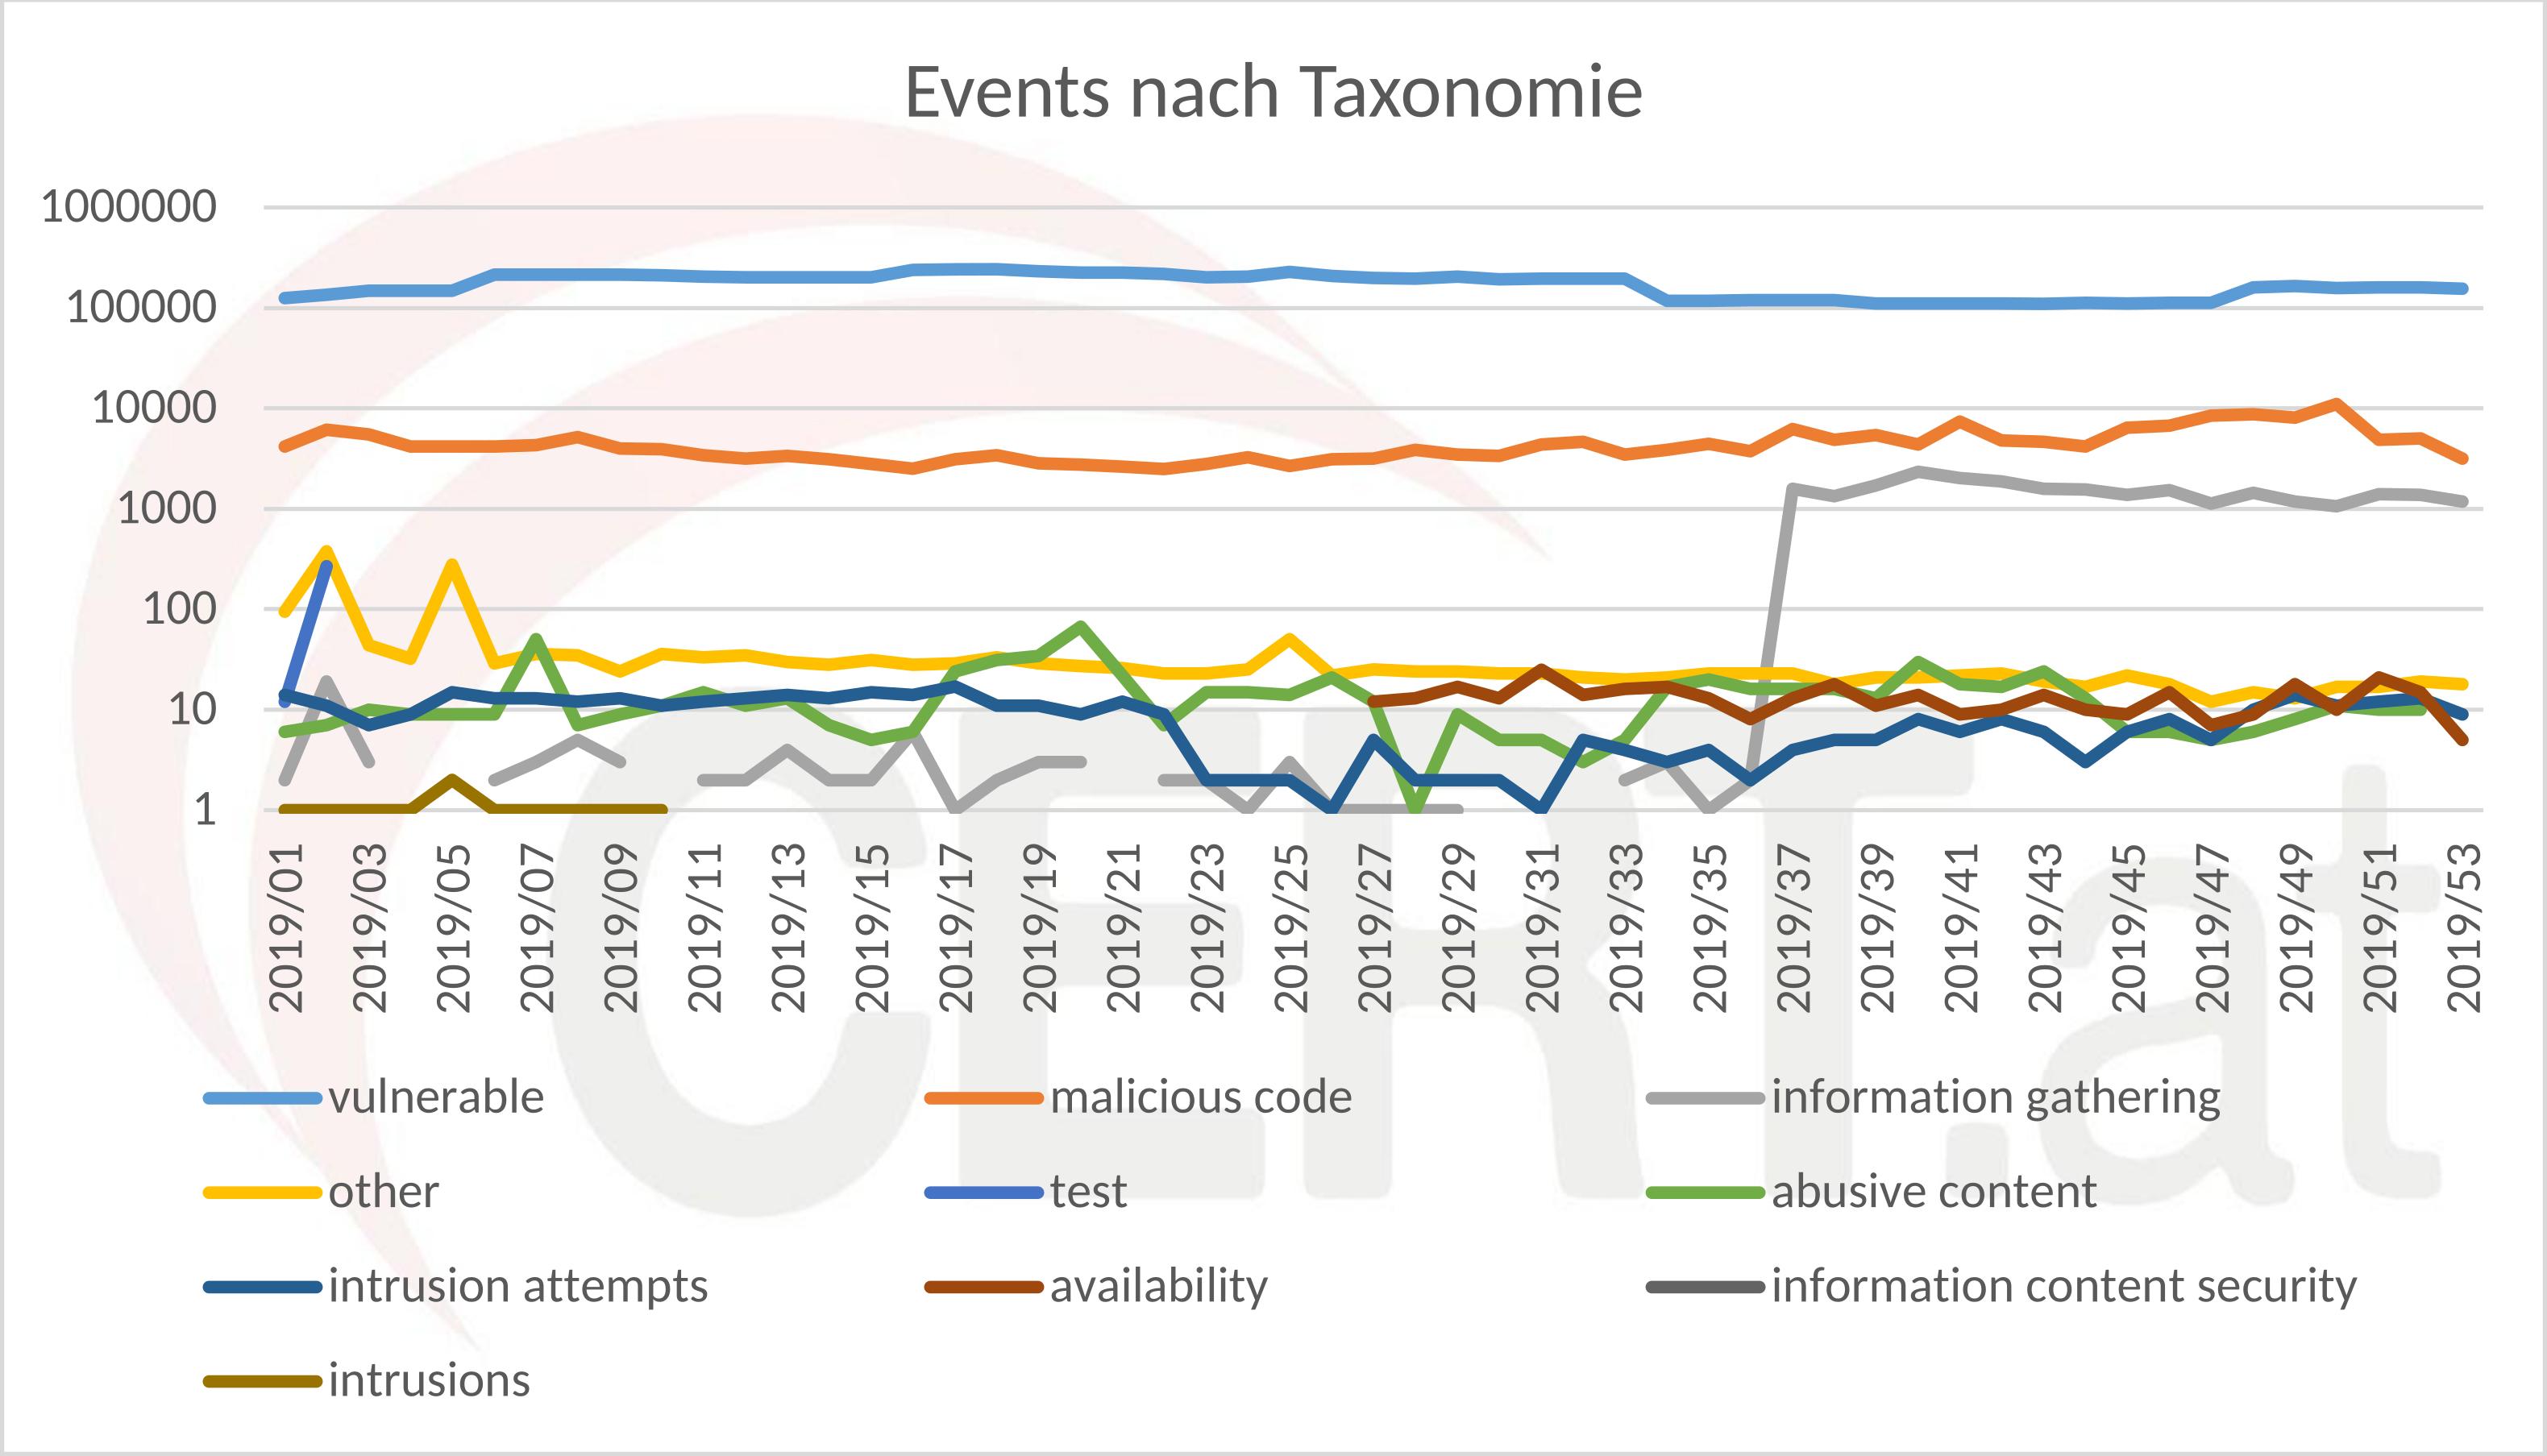 Events nach Taxonomien (logarithmische Skala)